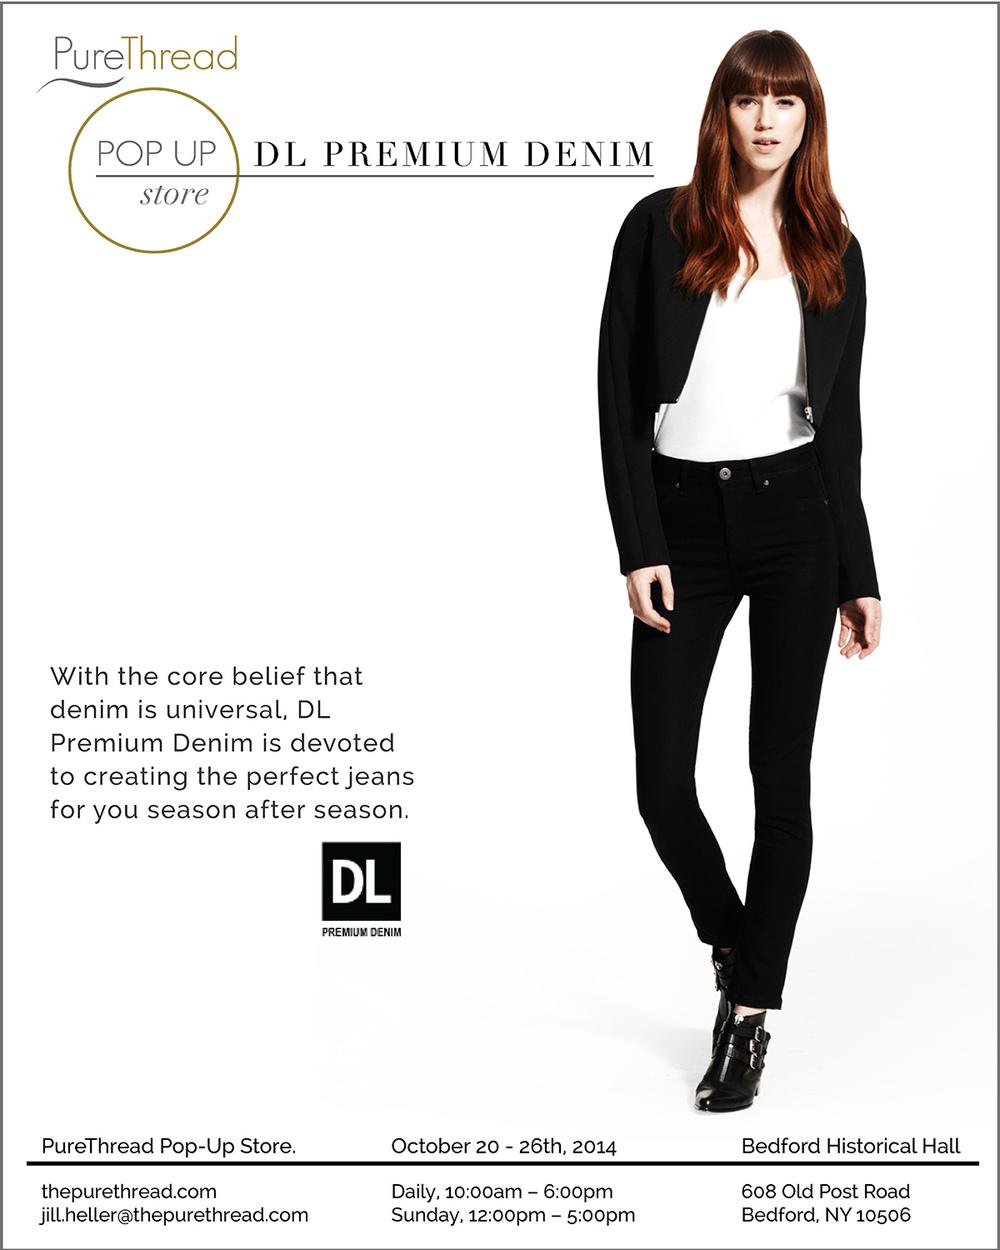 DLDenim_Poster.jpg